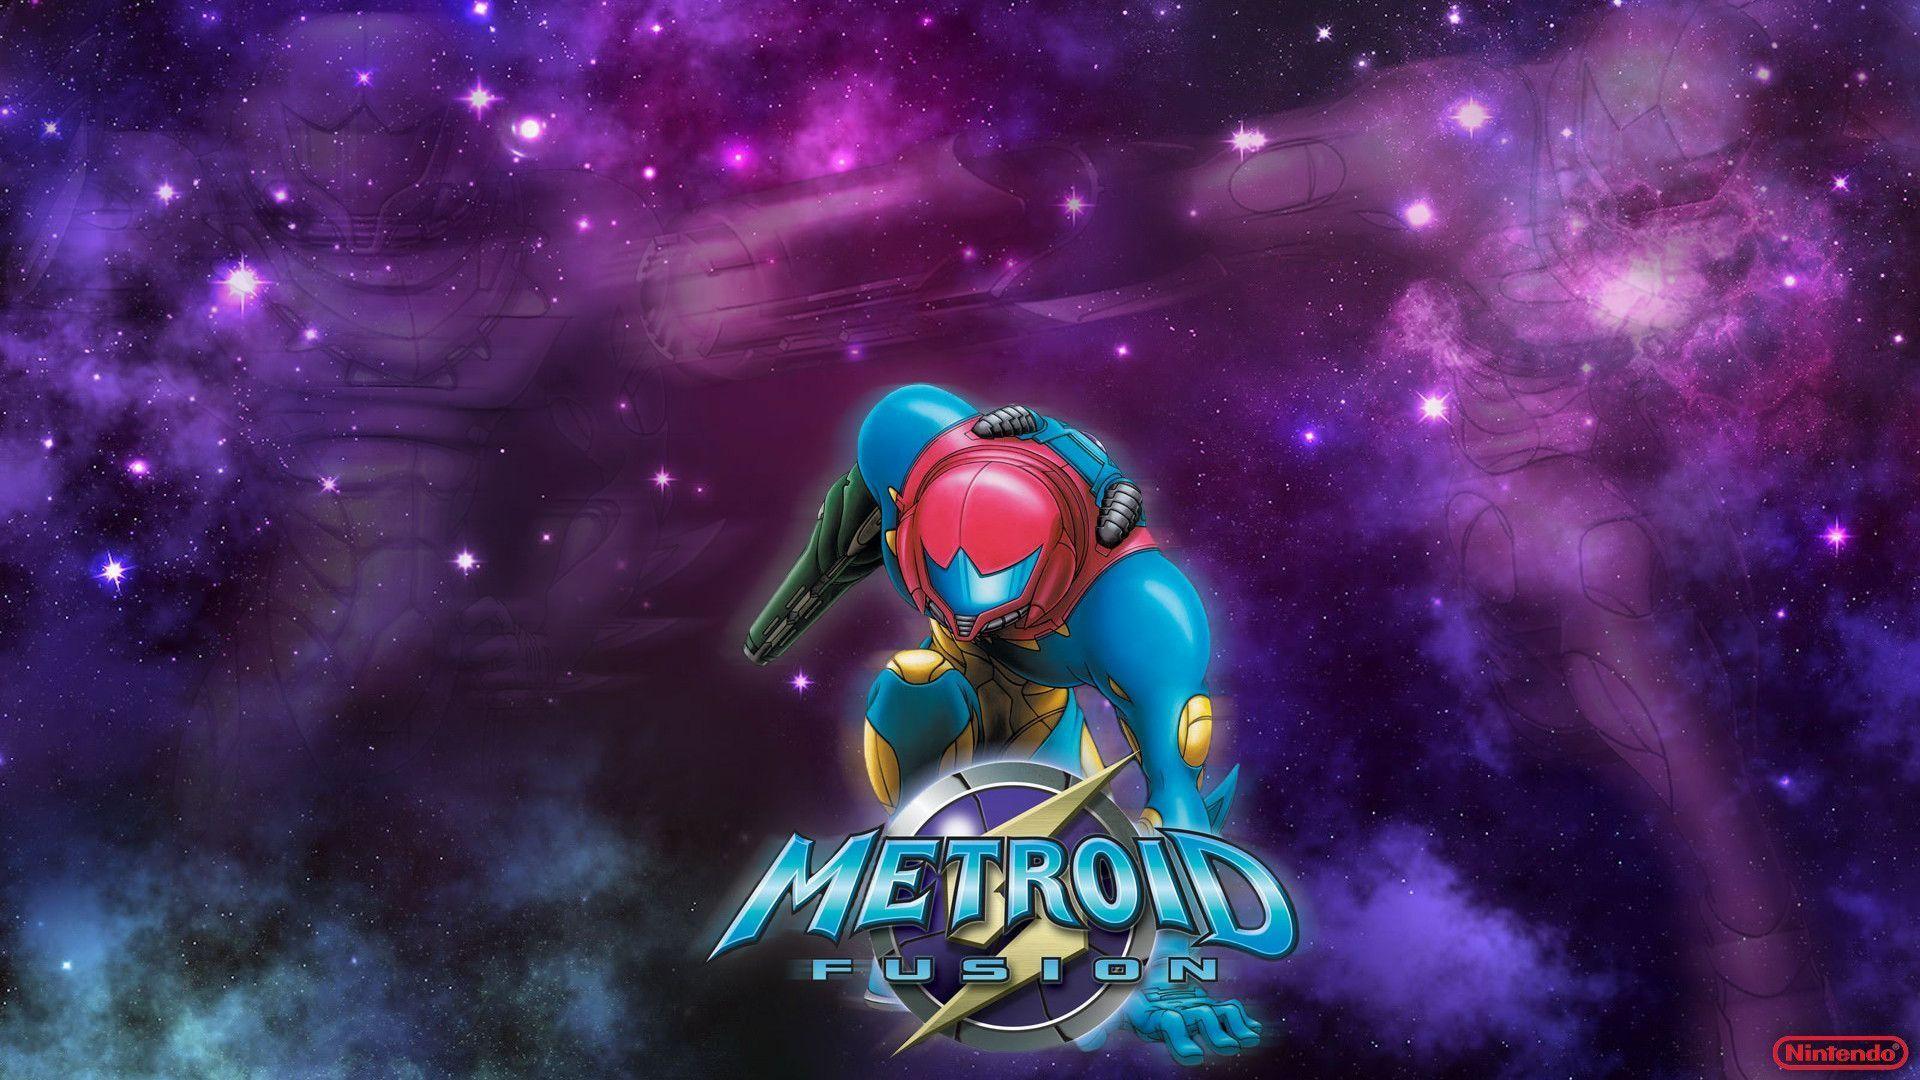 Video-Game-Metroid-Wallpaper-Free-Download